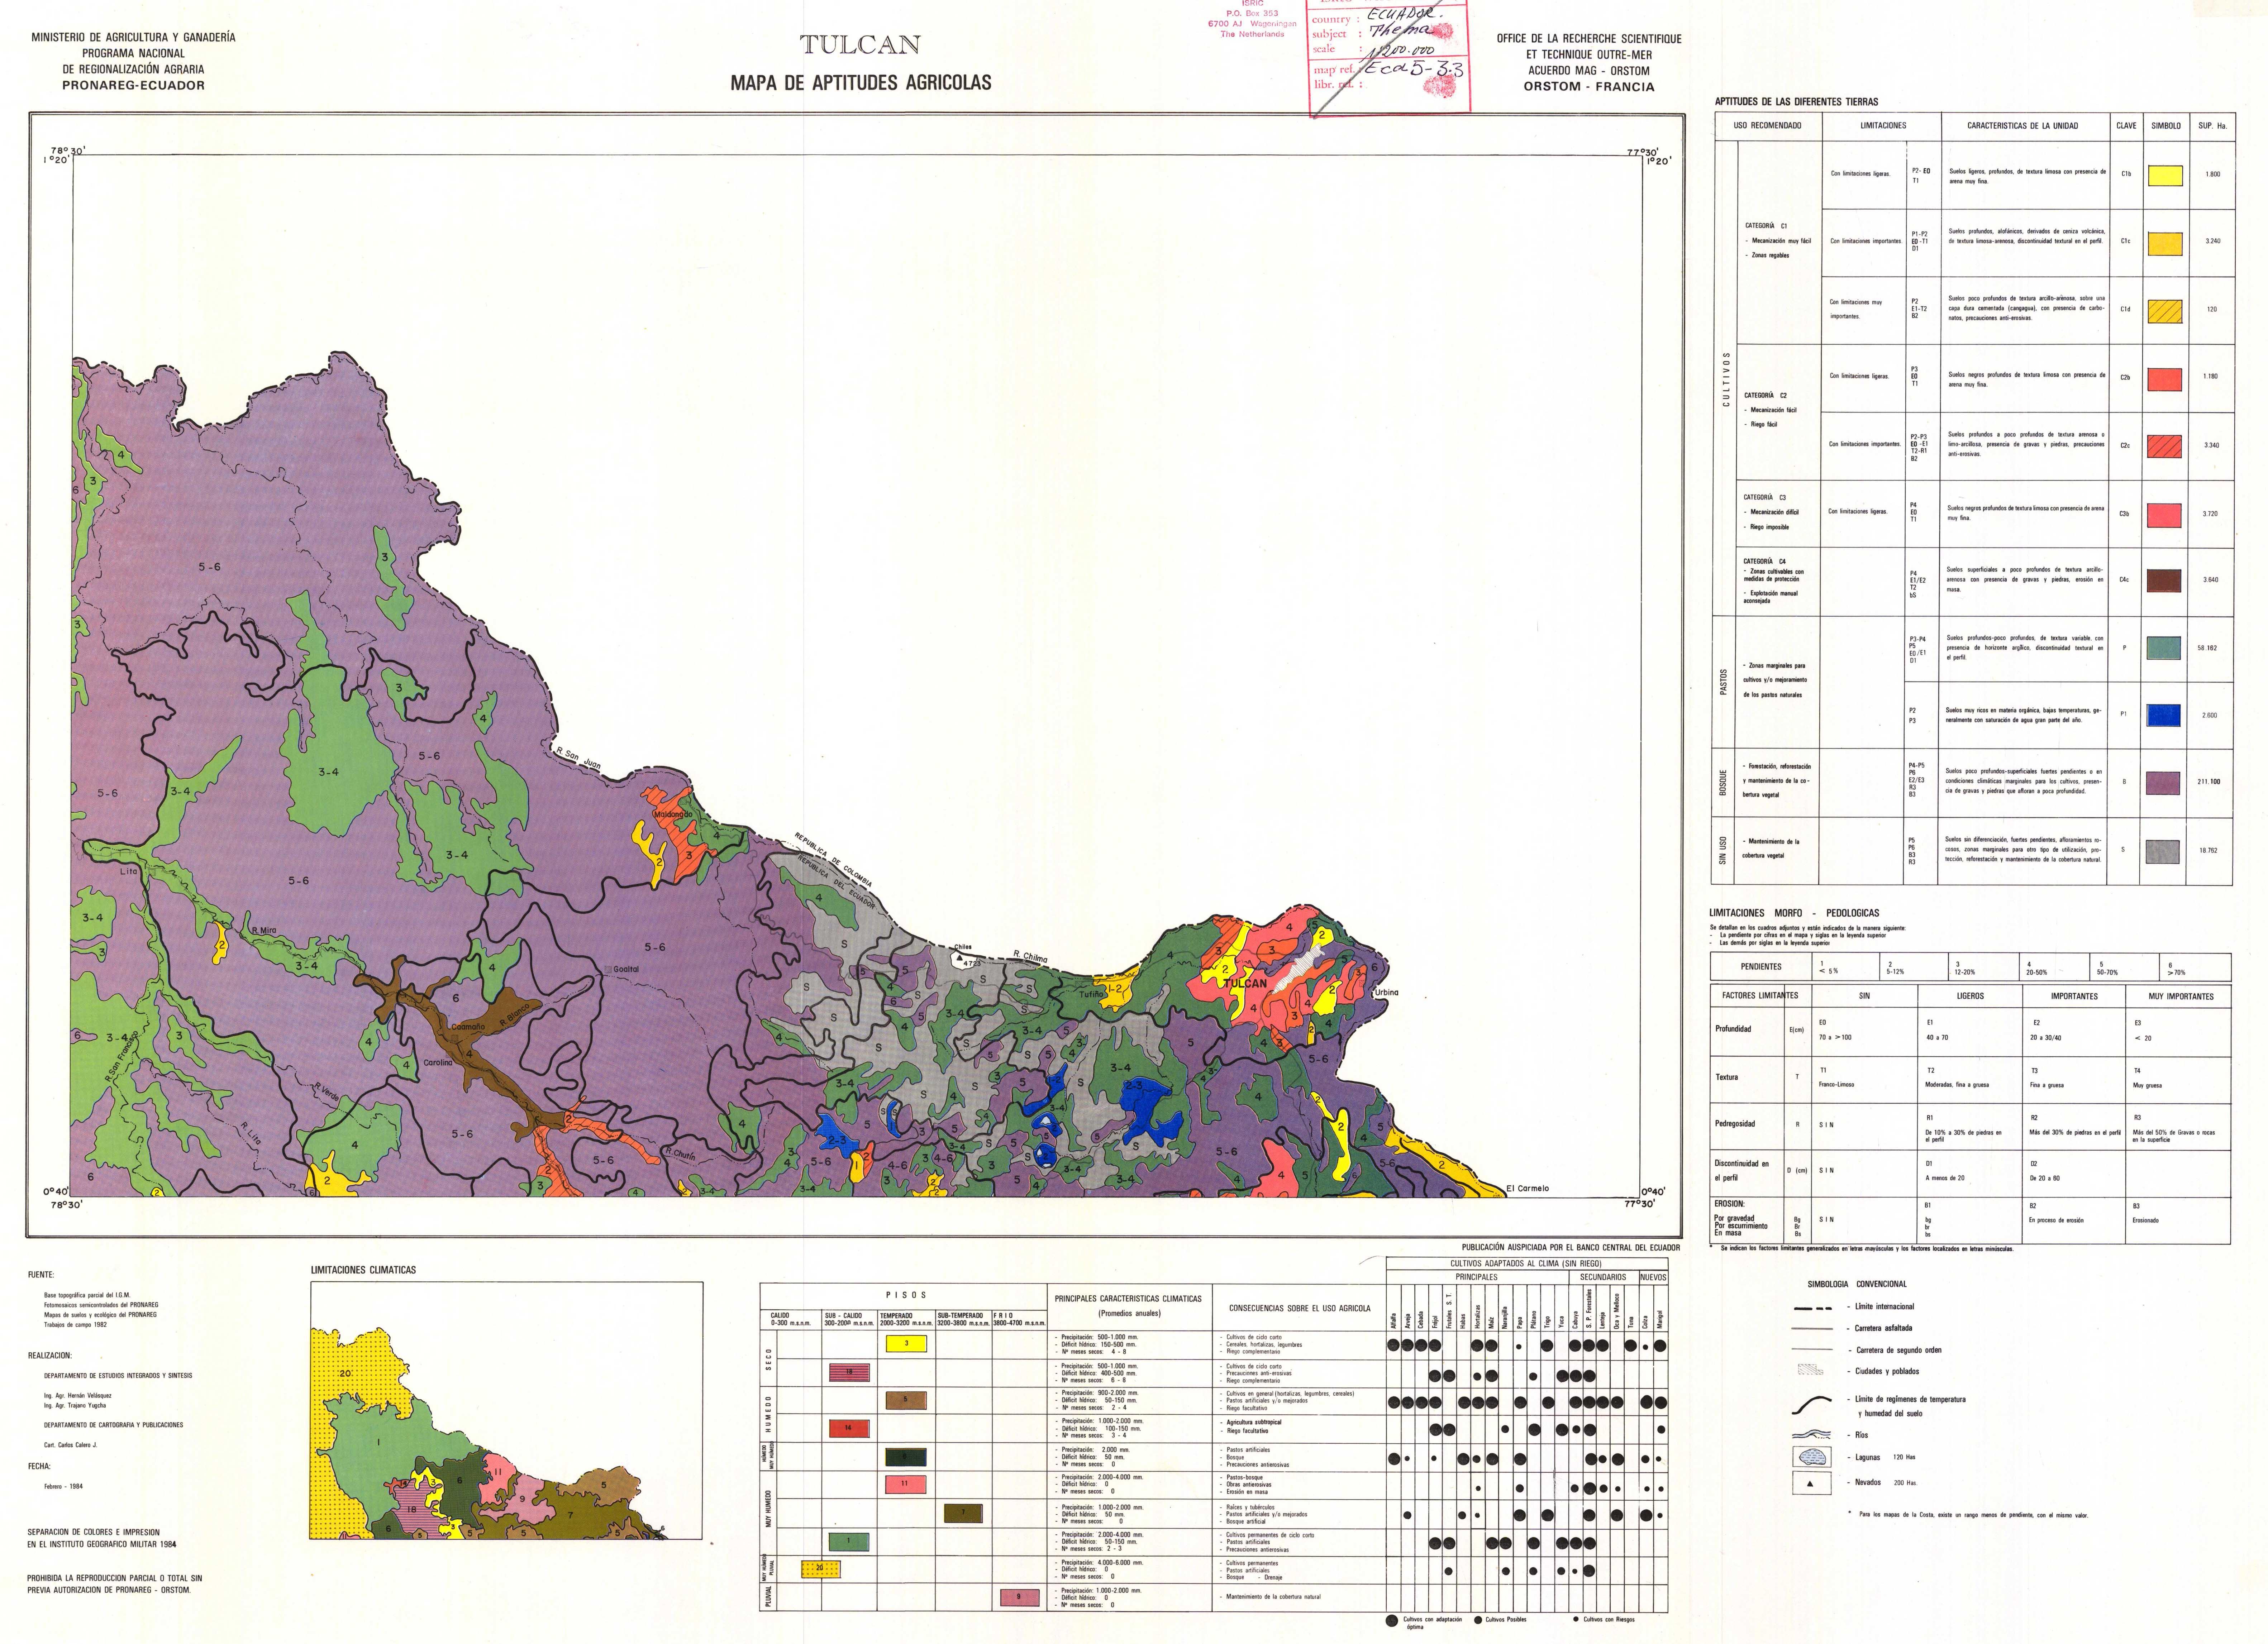 Aptitudes agrícolas de la región de Tulcán 1984